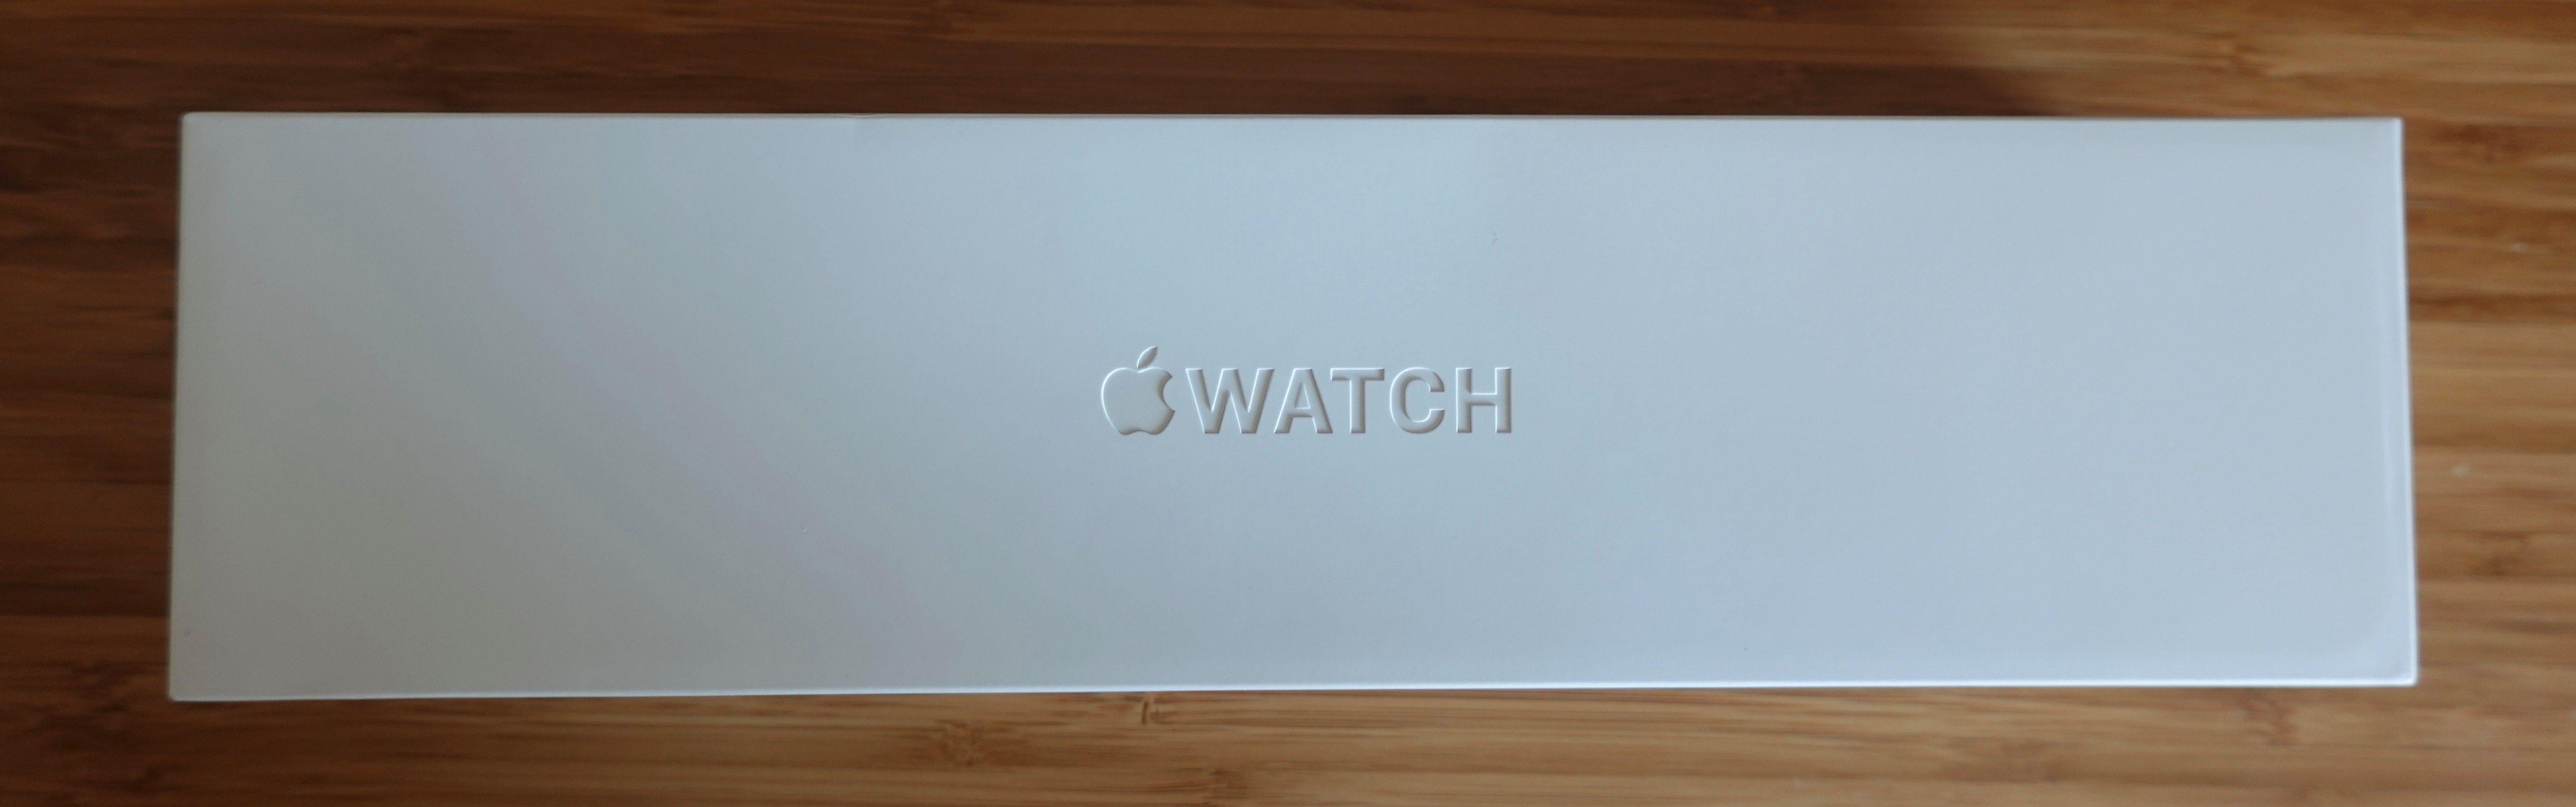 """<span href=""""https://9to5mac.com/2019/09/27/apple-watch-series-5-edition/"""">Apple Watch Edition: Manos a la obra con el nuevo blanco de cerámica de la Serie 5</a>"""